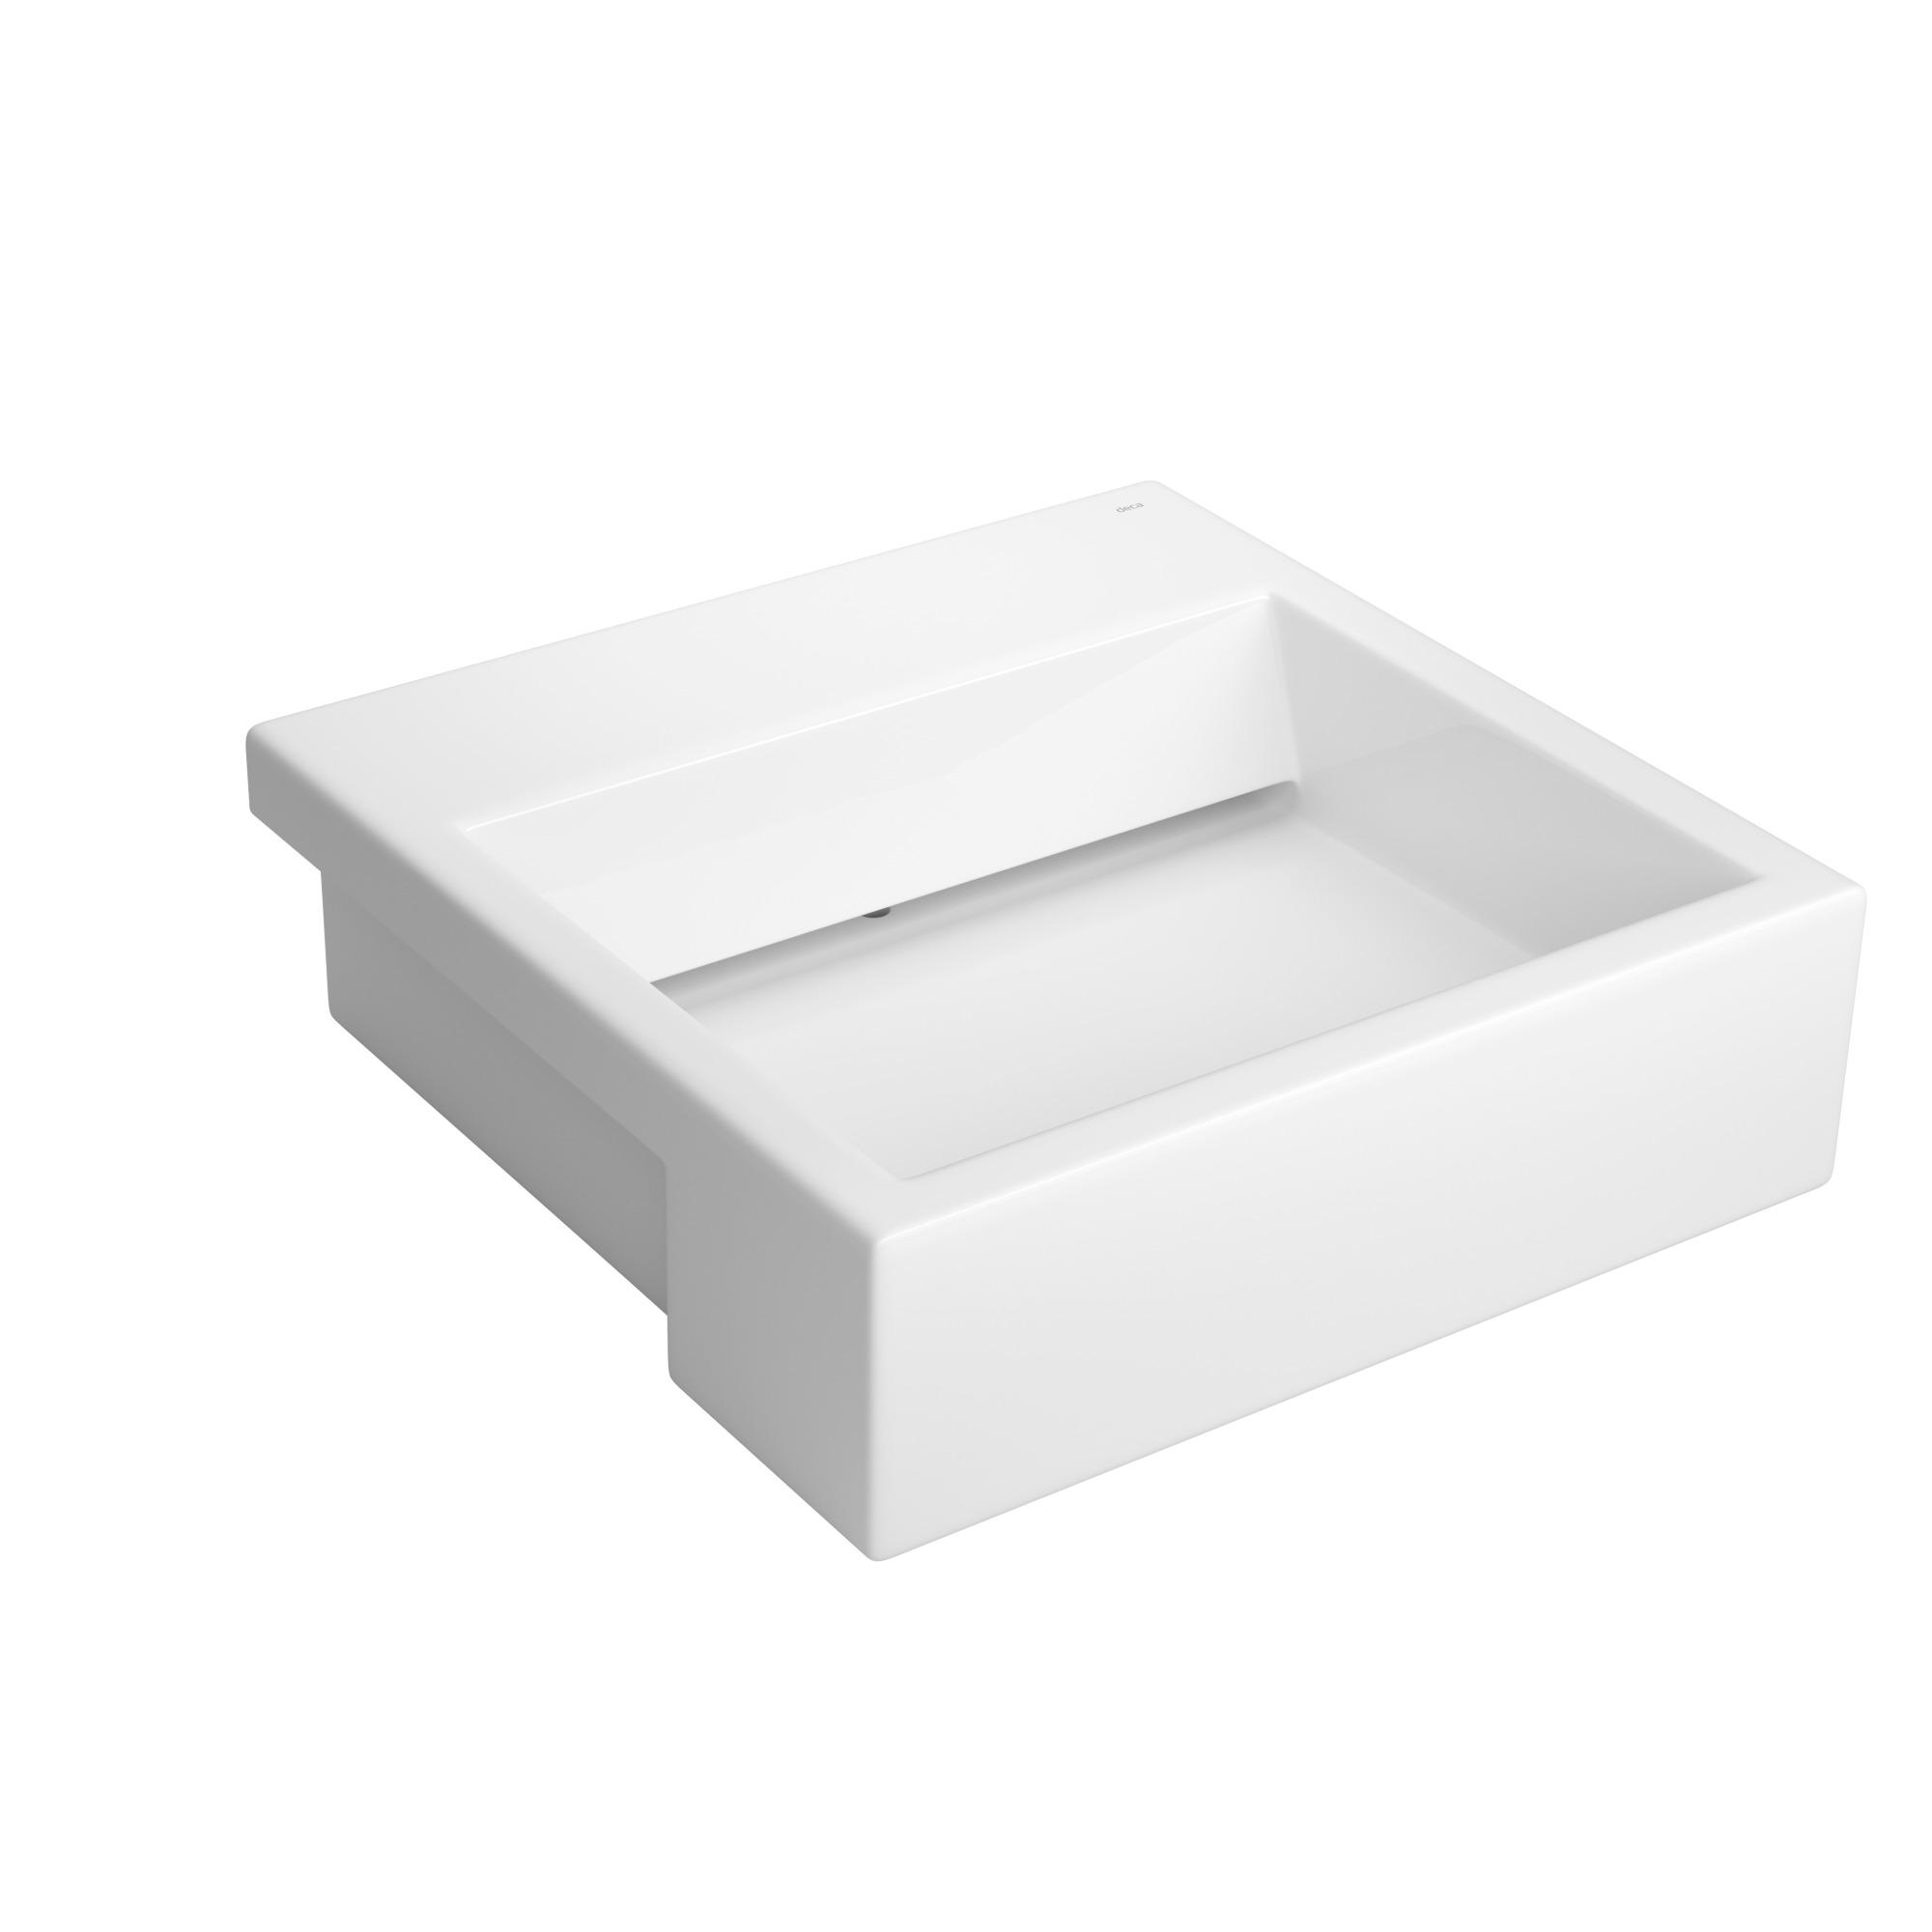 Cuba de Louca Semiencaixe Quadrado 46x46 cm Branco Gelo - L86317 Deca